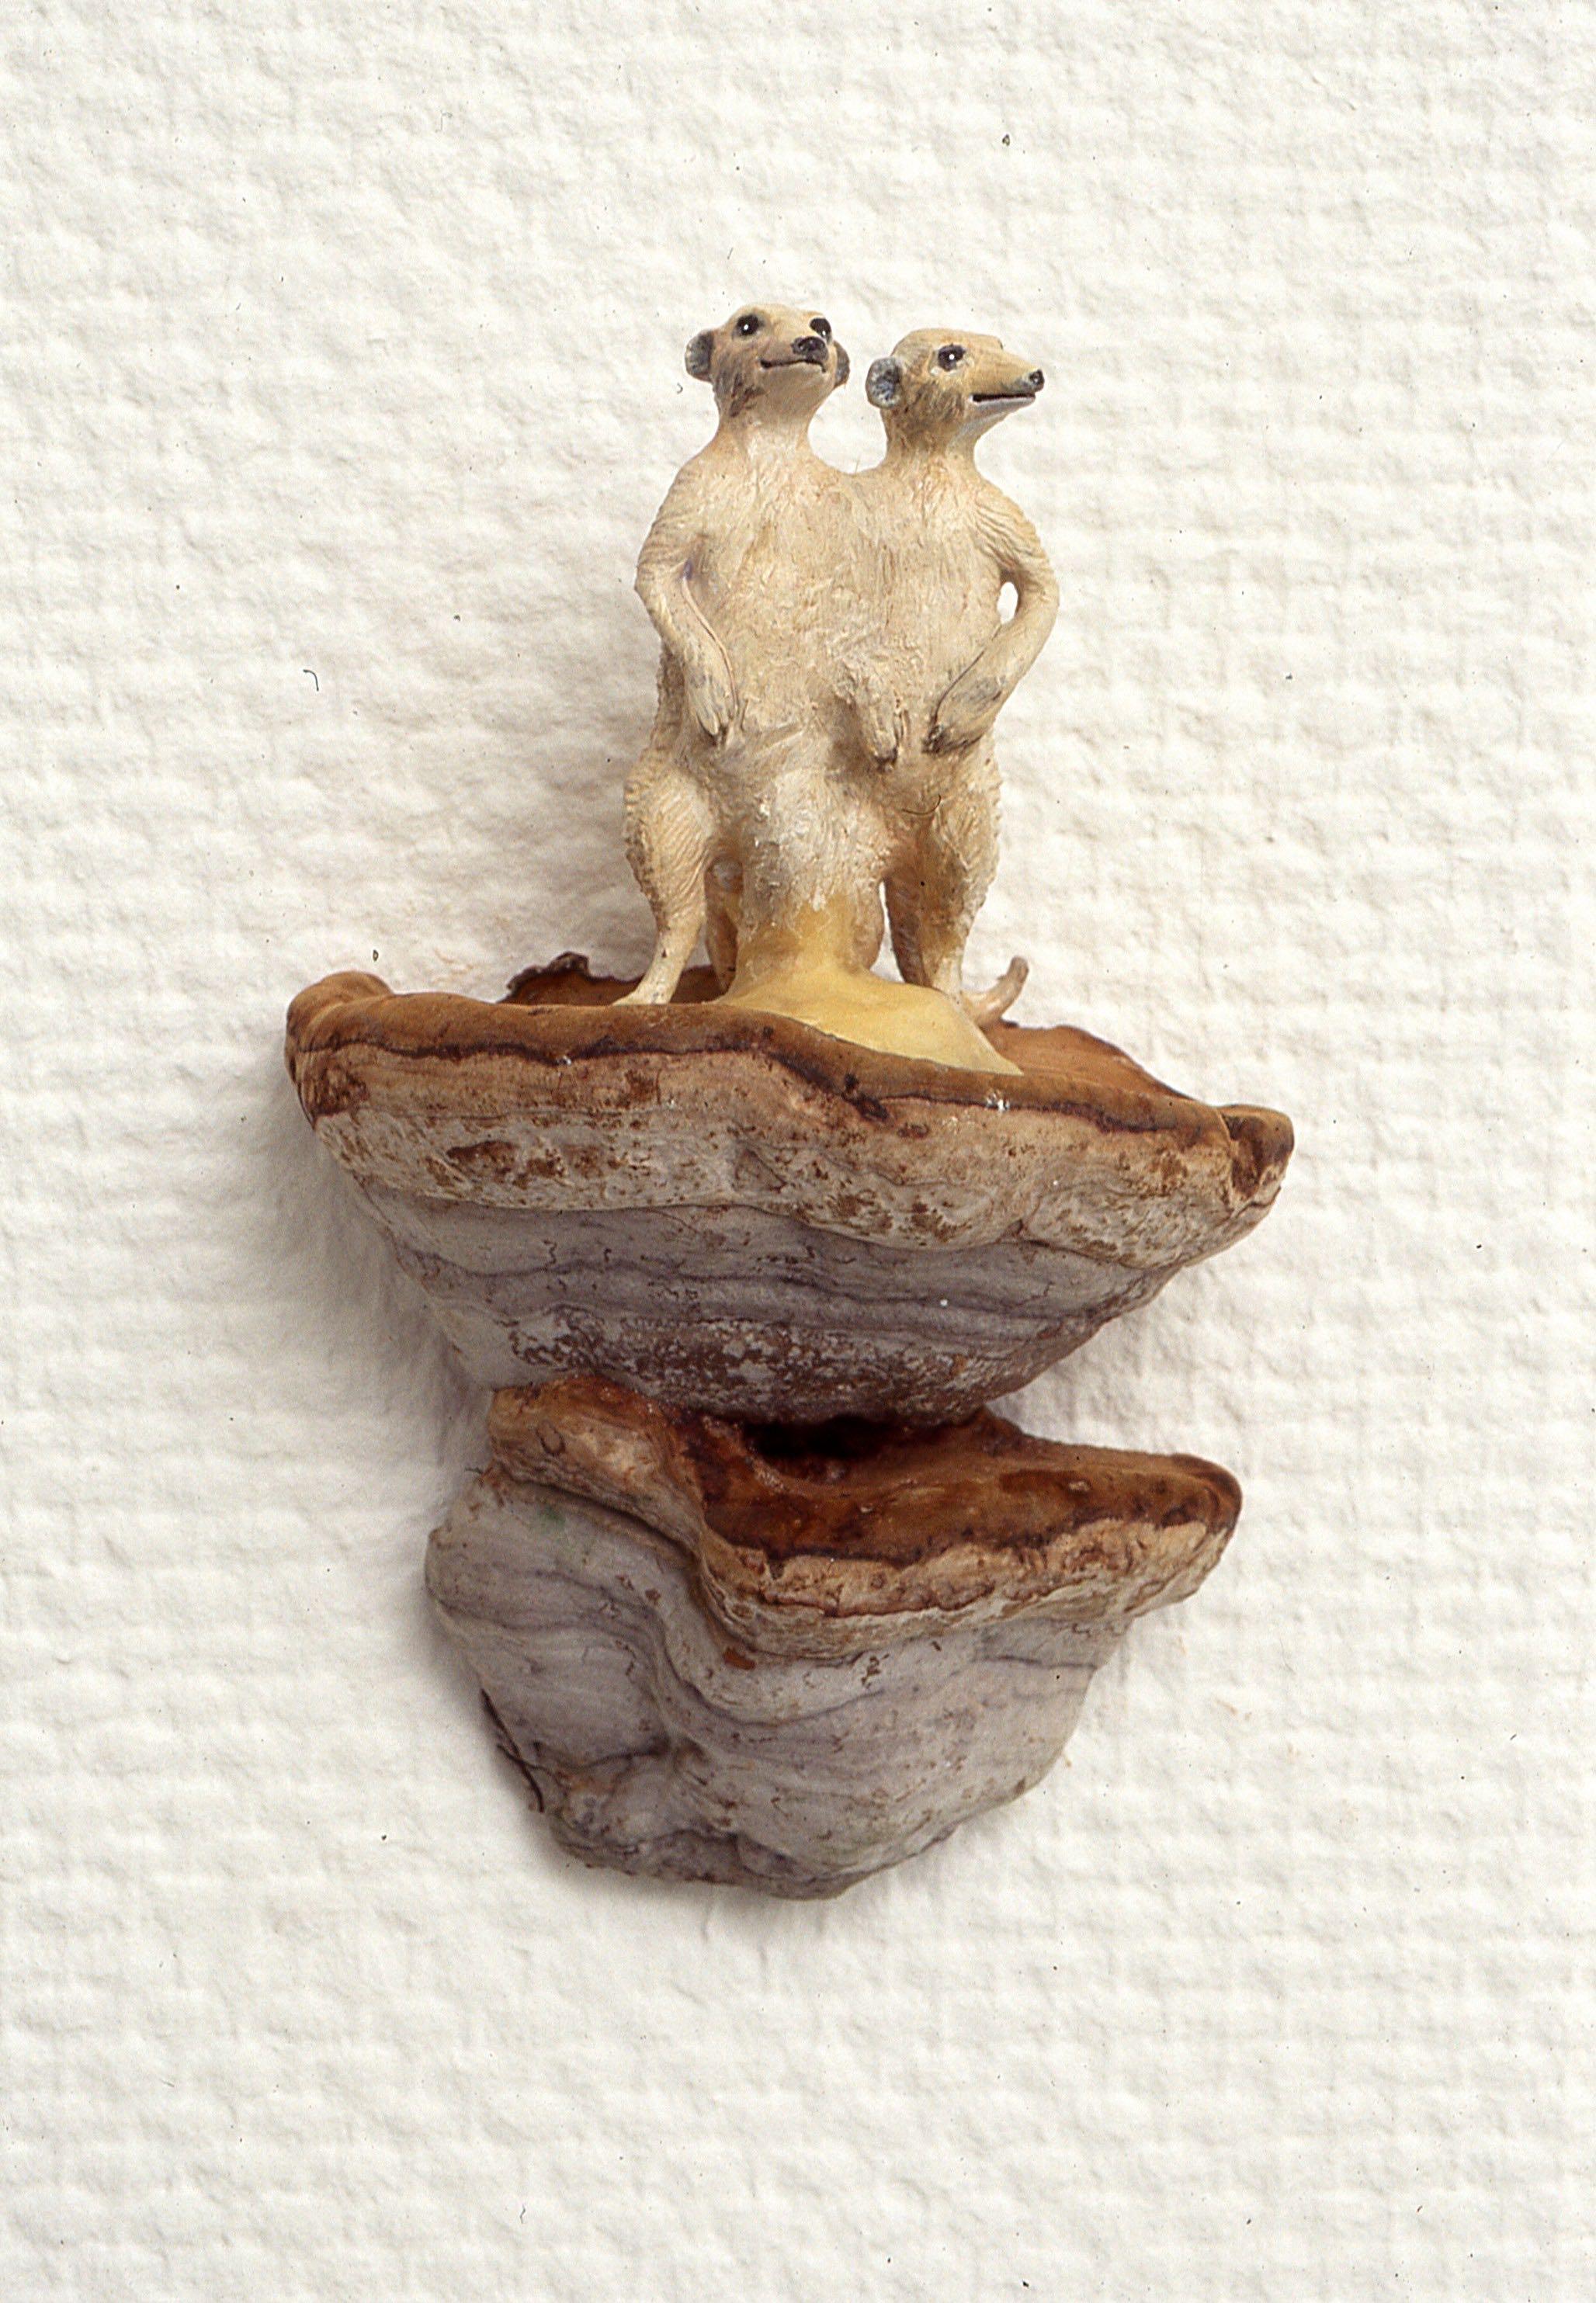 Antropomorf oppstilling, Siamesisk  kjuke, plastfigur, voks, 2000